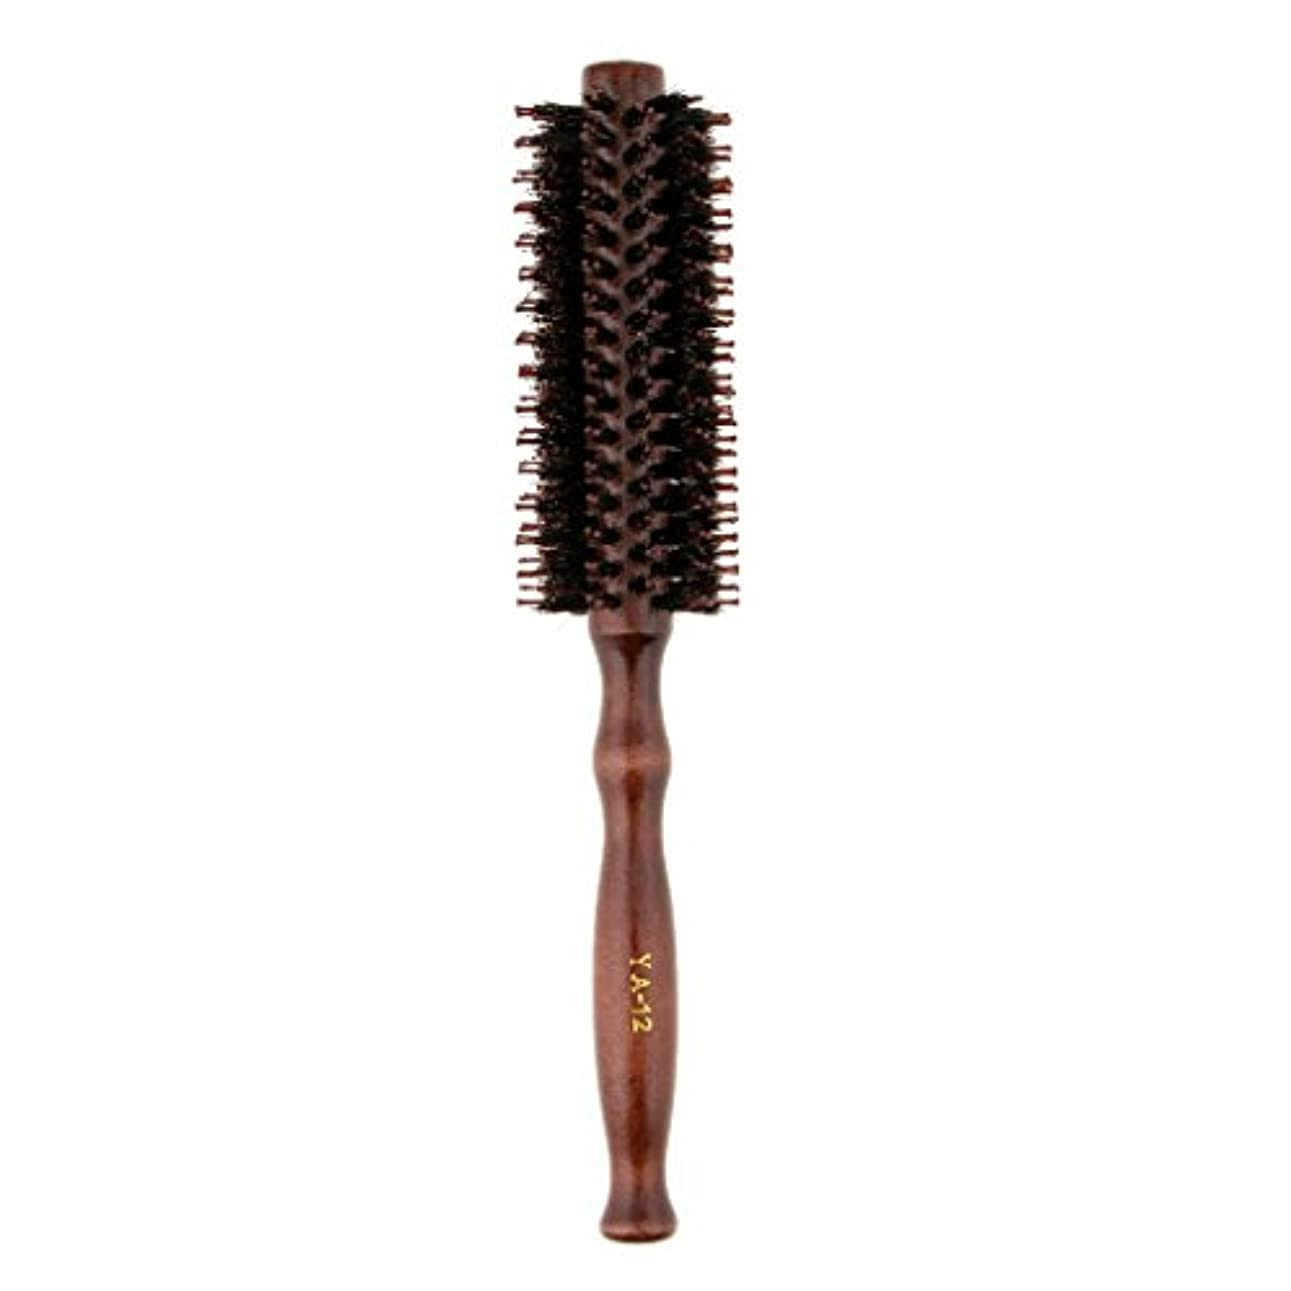 気づくなる助けて今までFenteer ロールブラシ ヘアブラシ 木製ハンドル 滑らか 仕上げ 速乾性 軽量 理髪 美容 カール 2タイプ選べる - #2